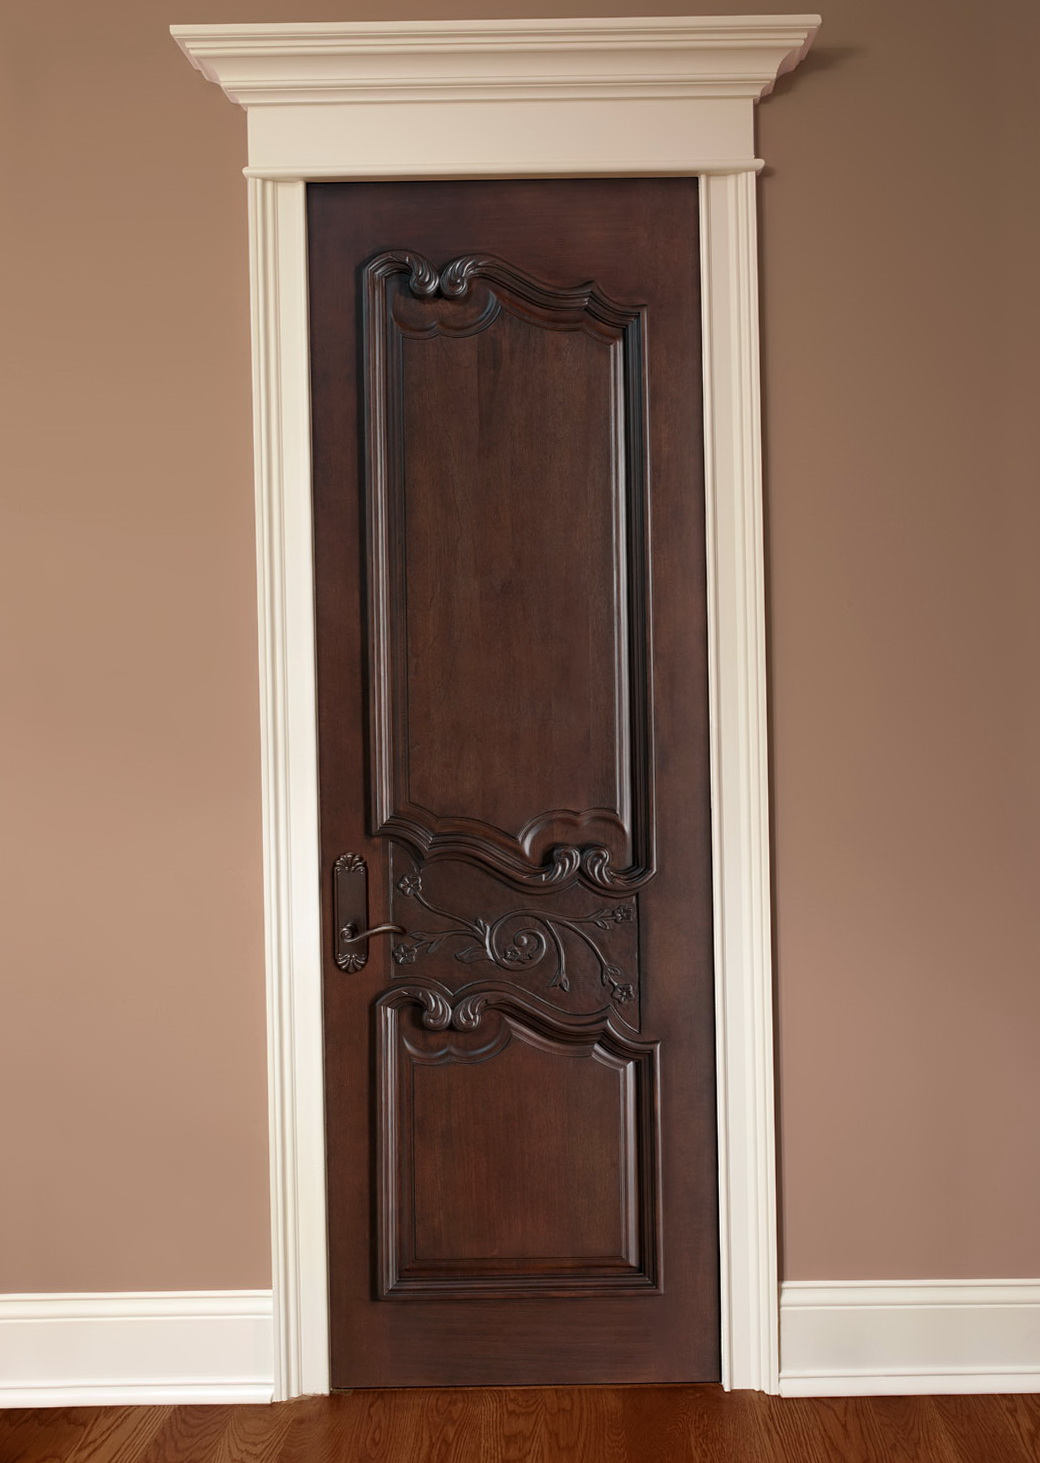 Artisan custom closets reviews home design ideas for Custom home designs review